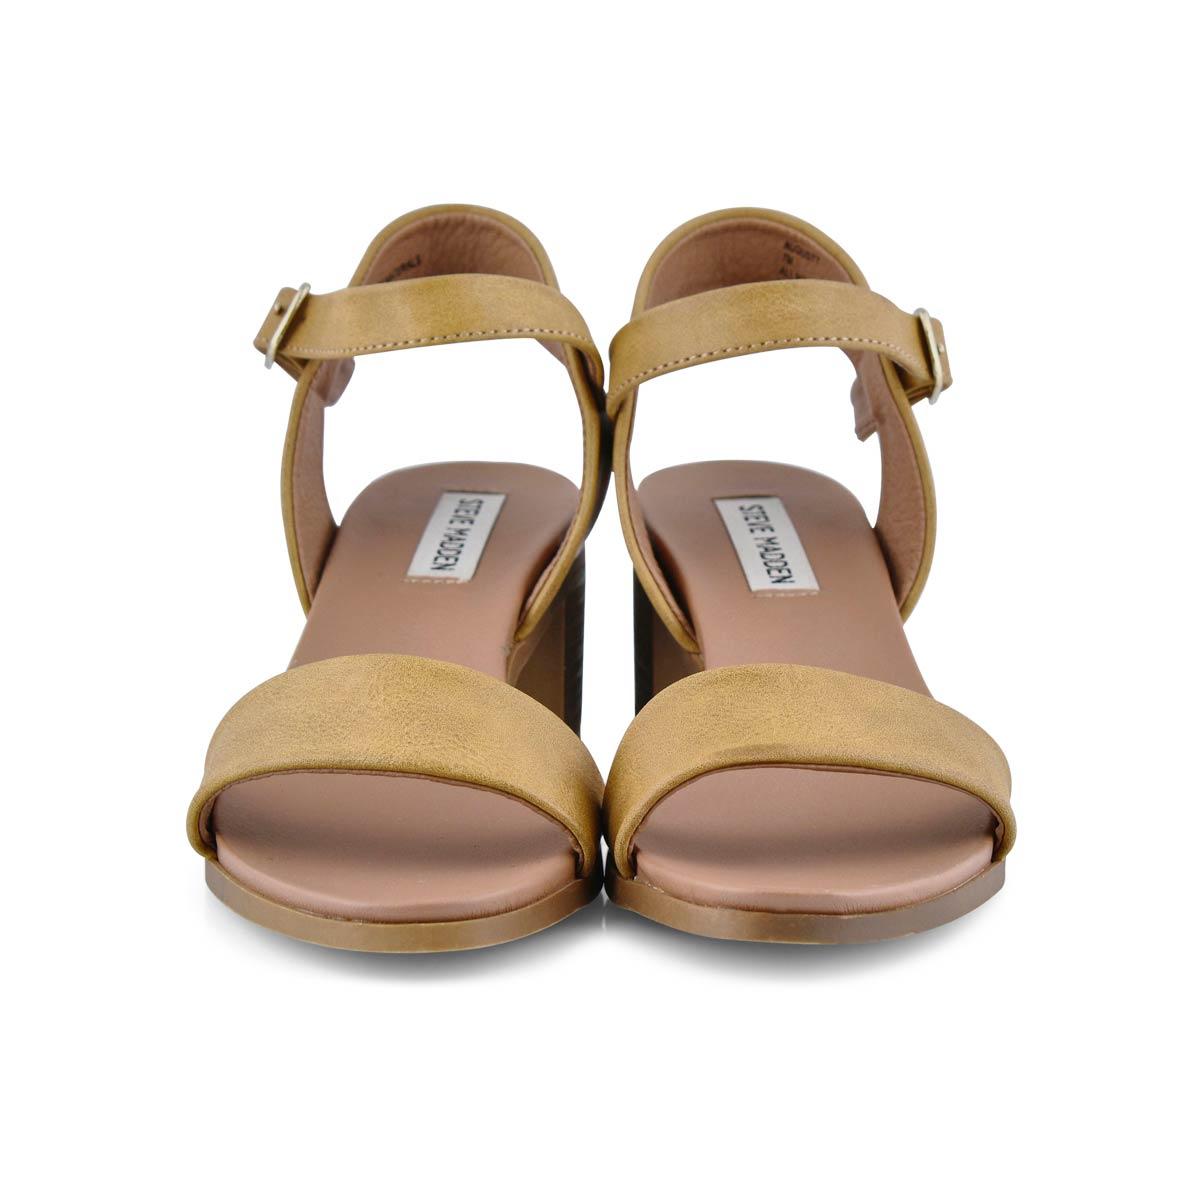 Sandale habillée August, cognac, femmes